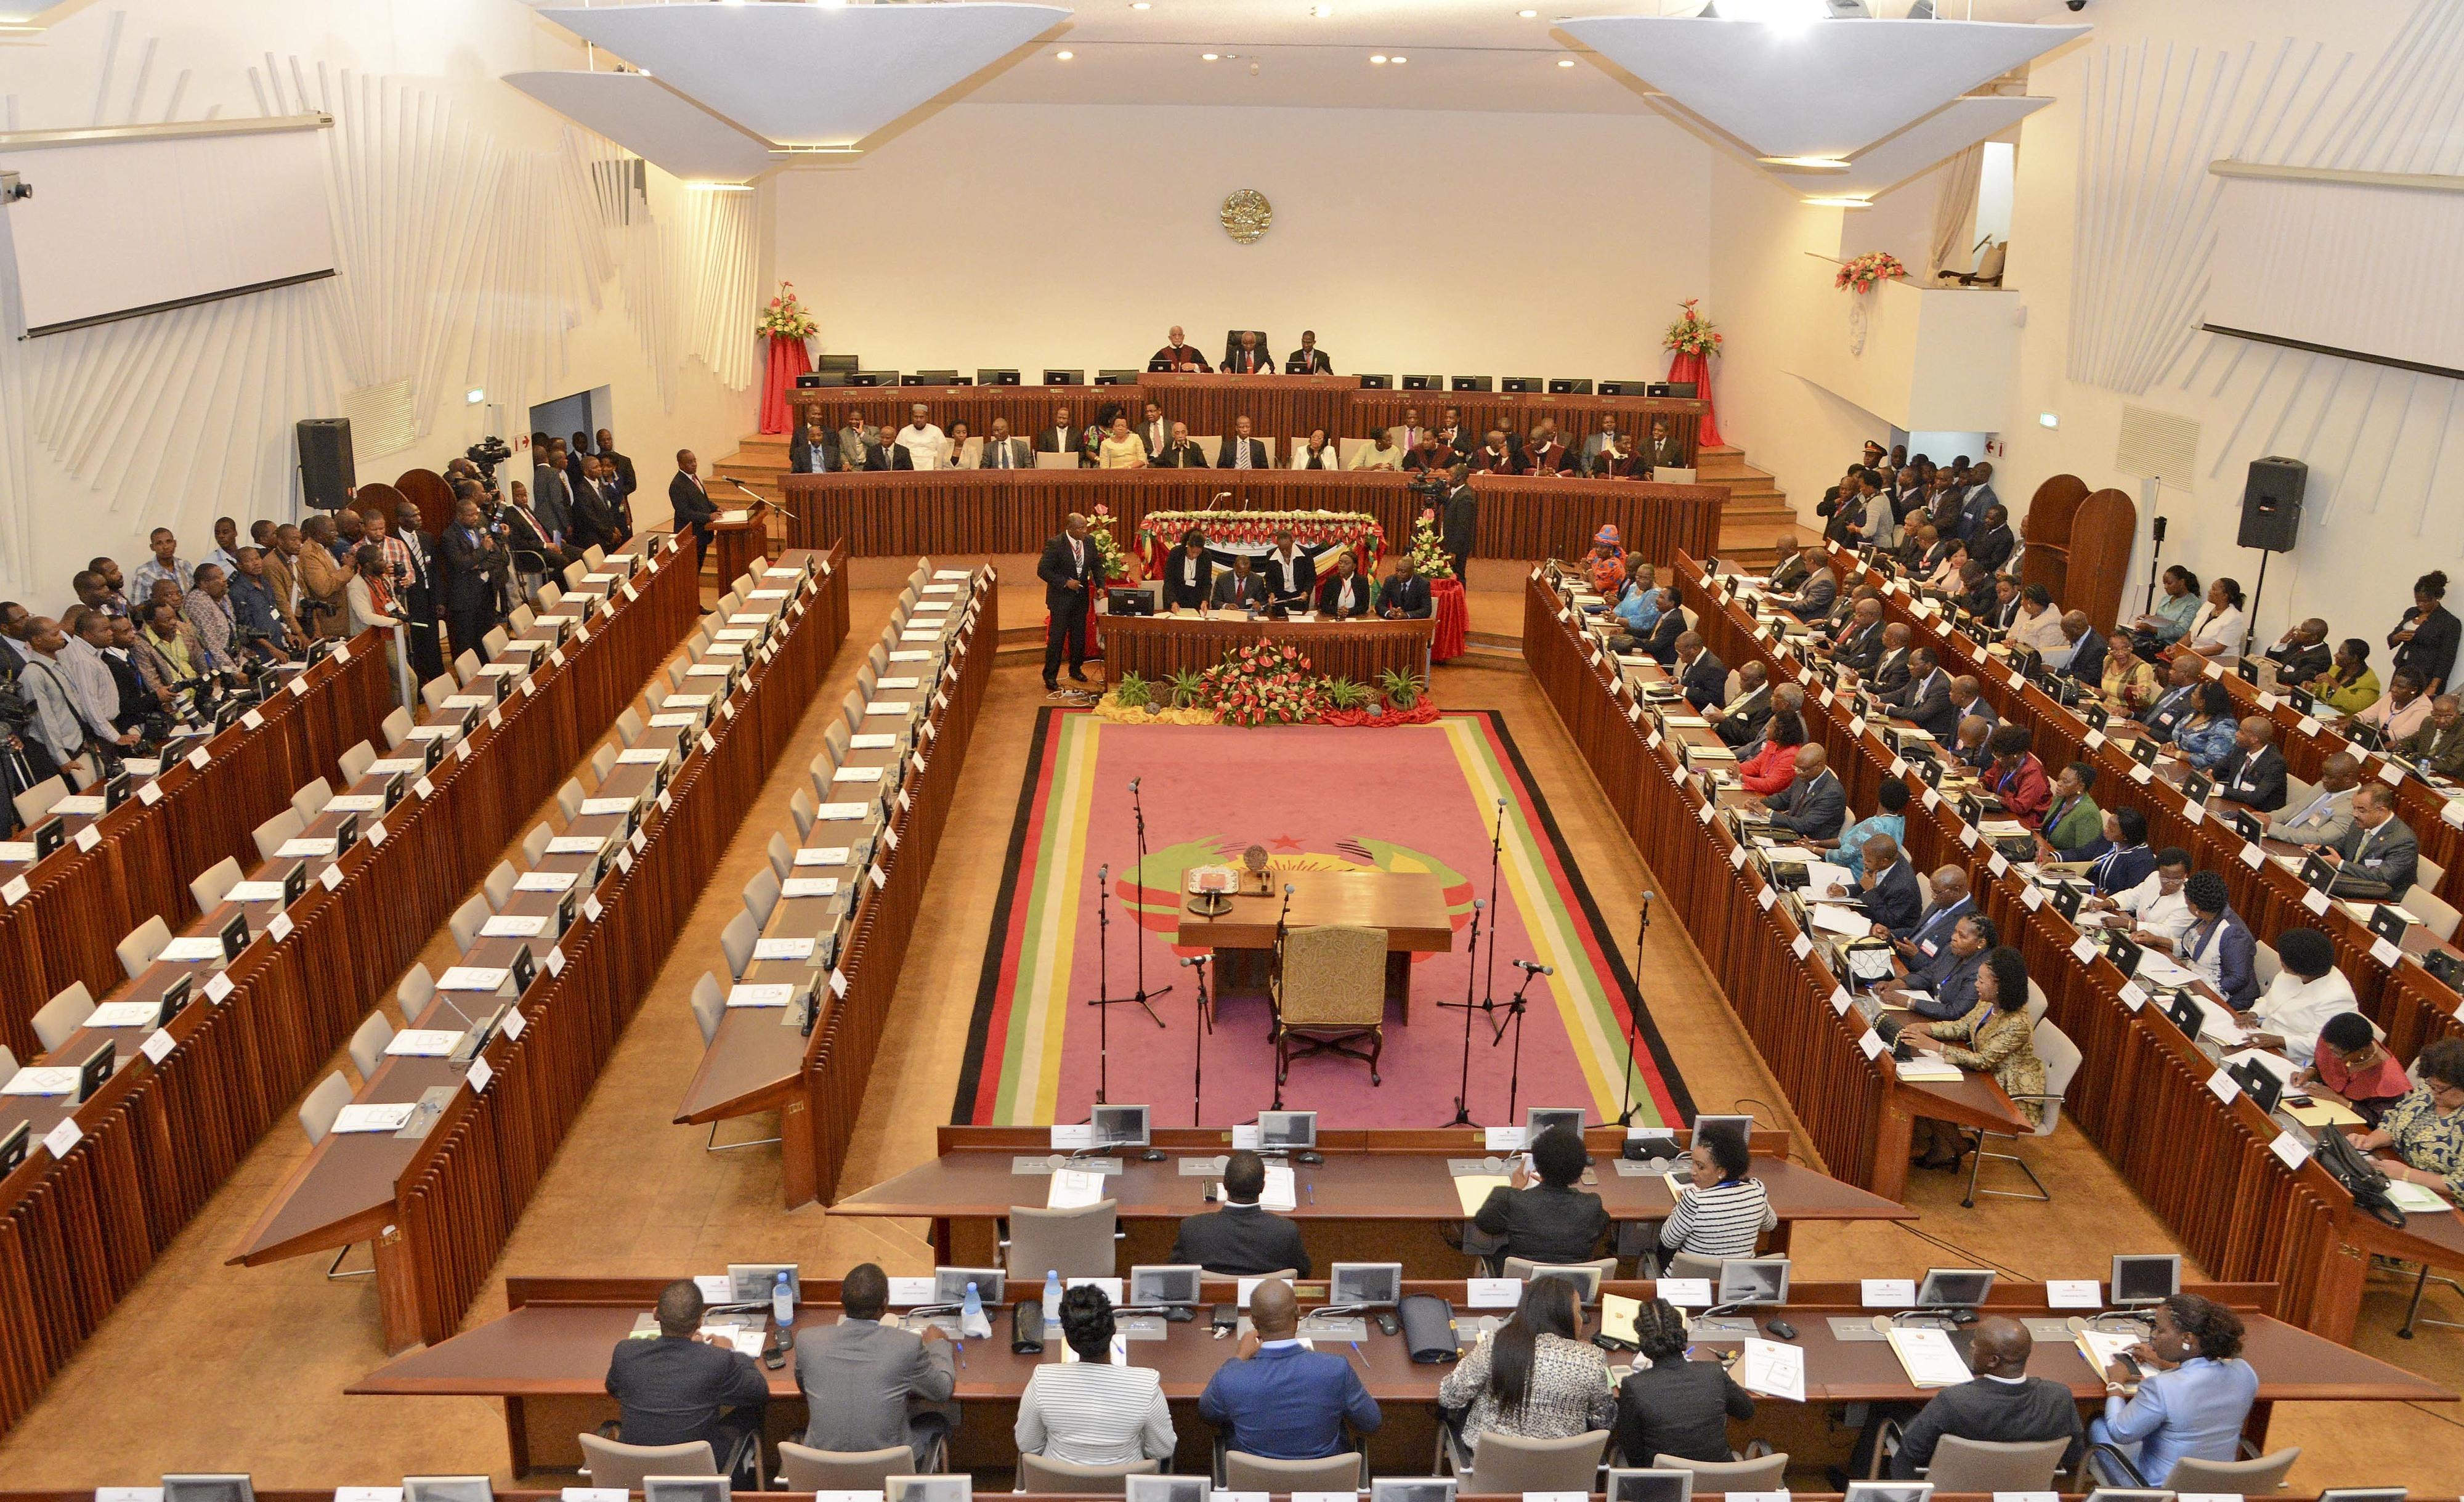 Mo ambique o pa s lus fono com maior n mero de mulheres for Numero legale parlamento